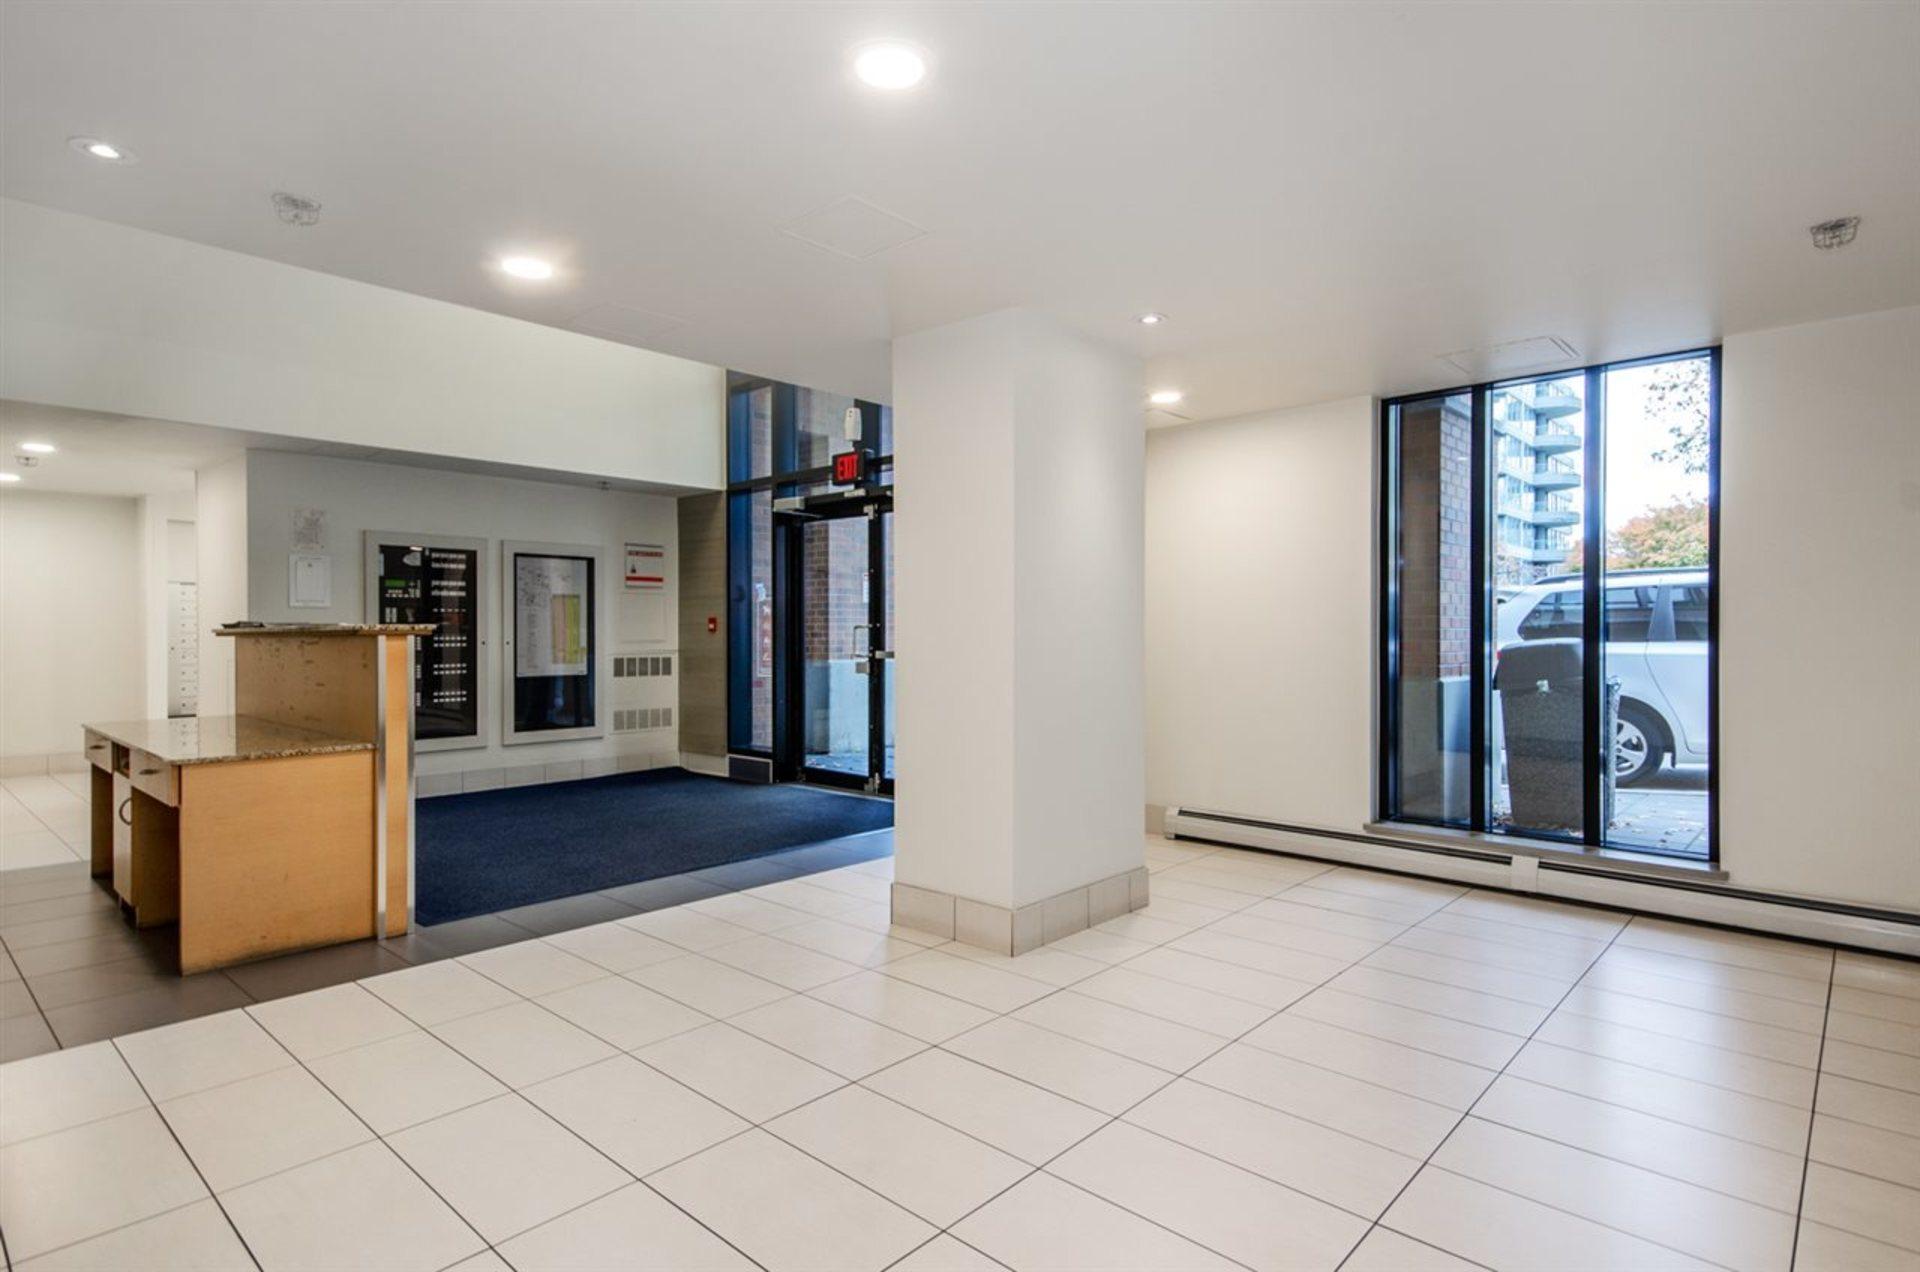 13380-108-avenue-whalley-north-surrey-02 at 1406 - 13380 108 Avenue, Whalley, North Surrey